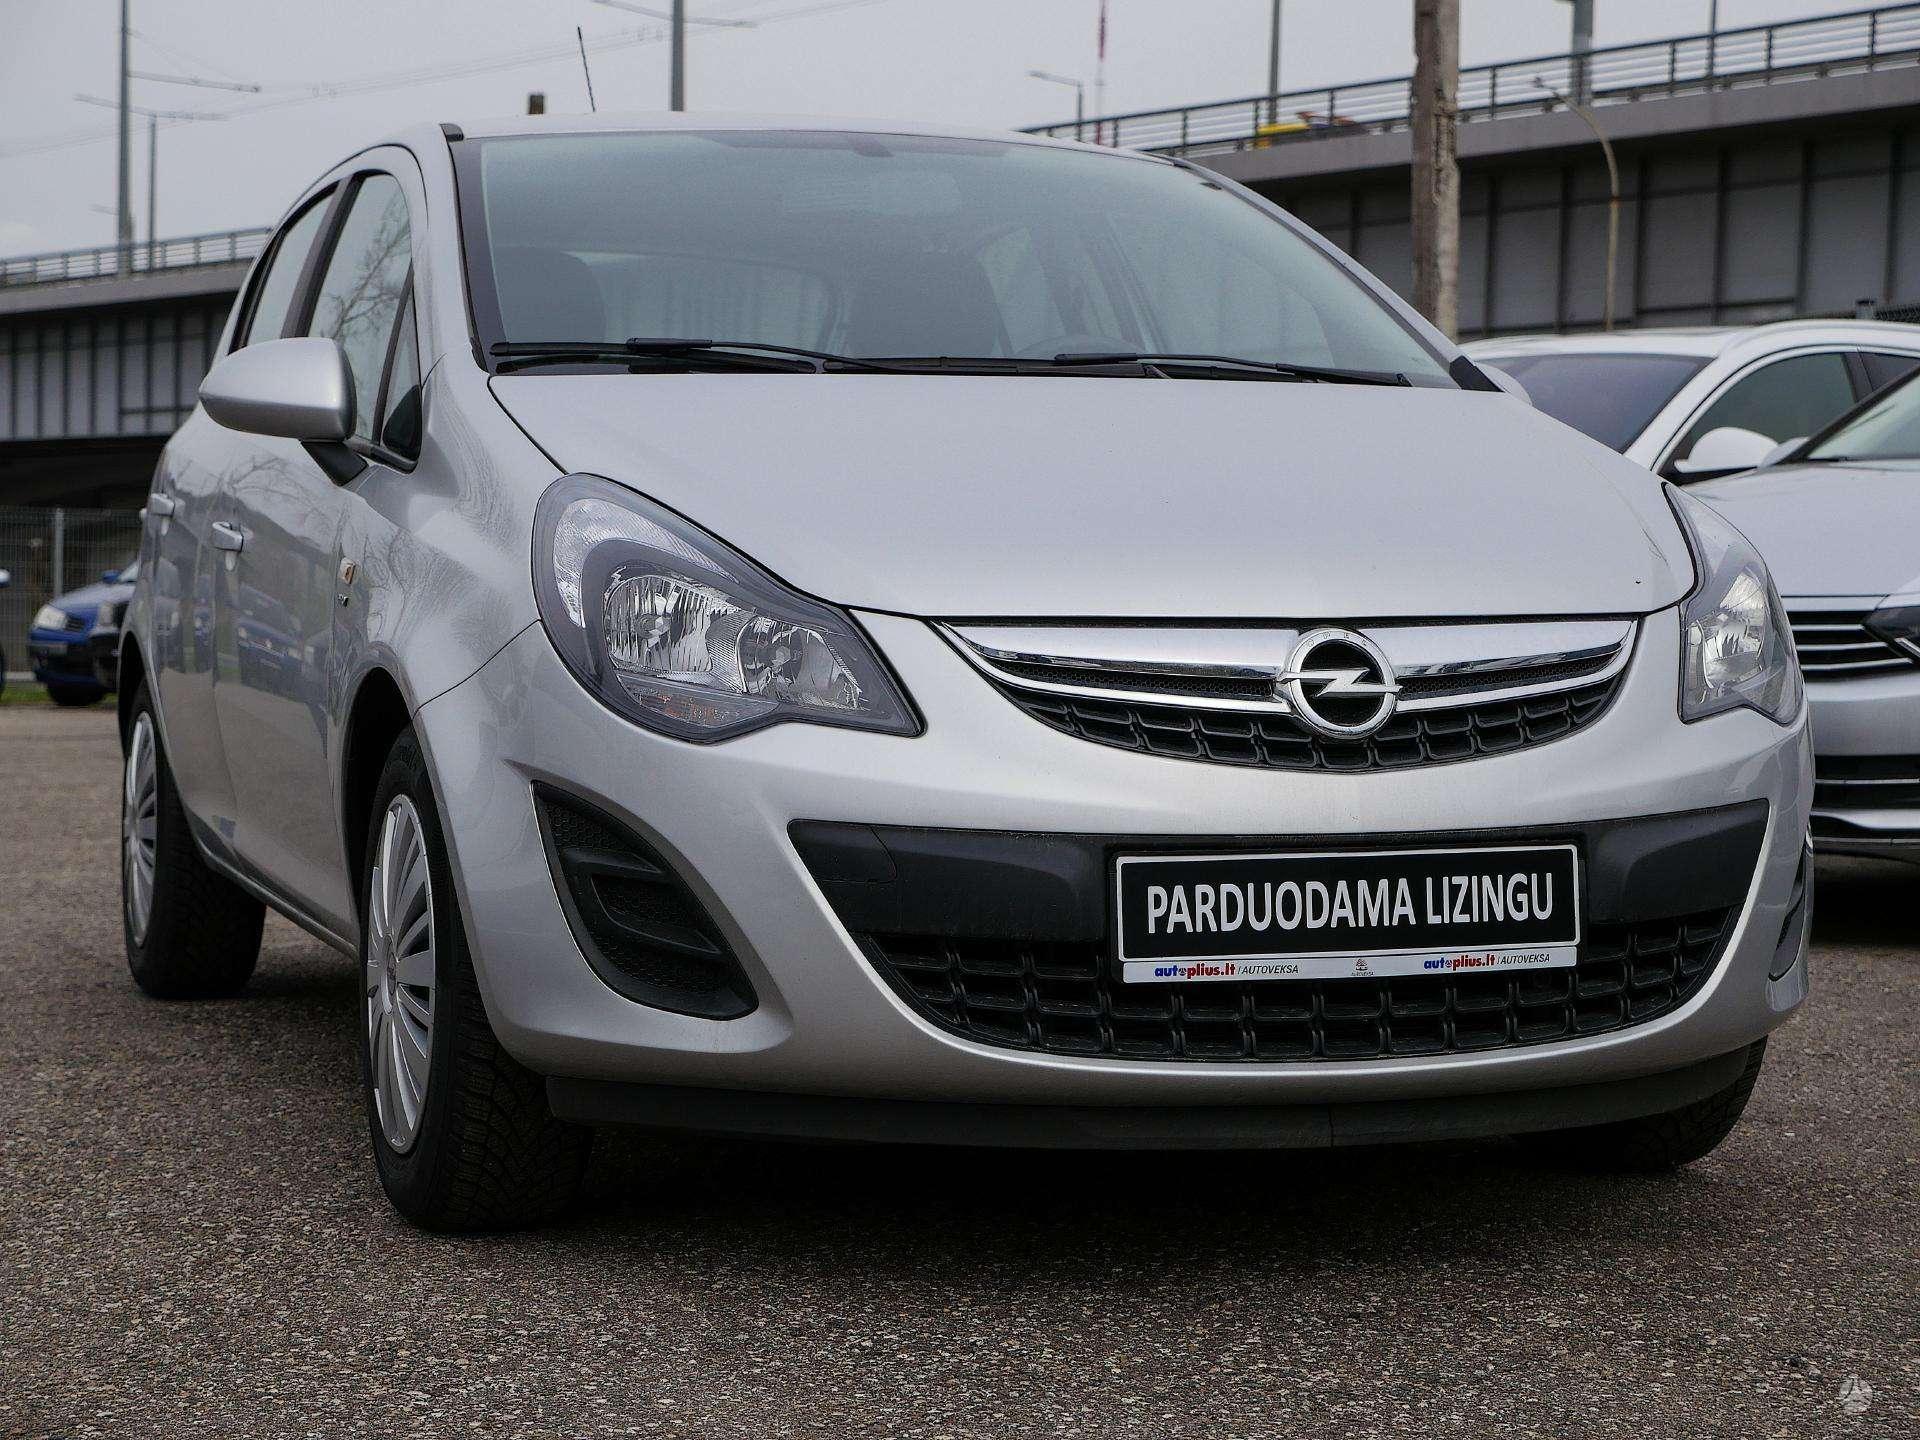 Opel Corsa išsimokėtinai nuo 136Eur/Mėn su 3 mėnesių garantija